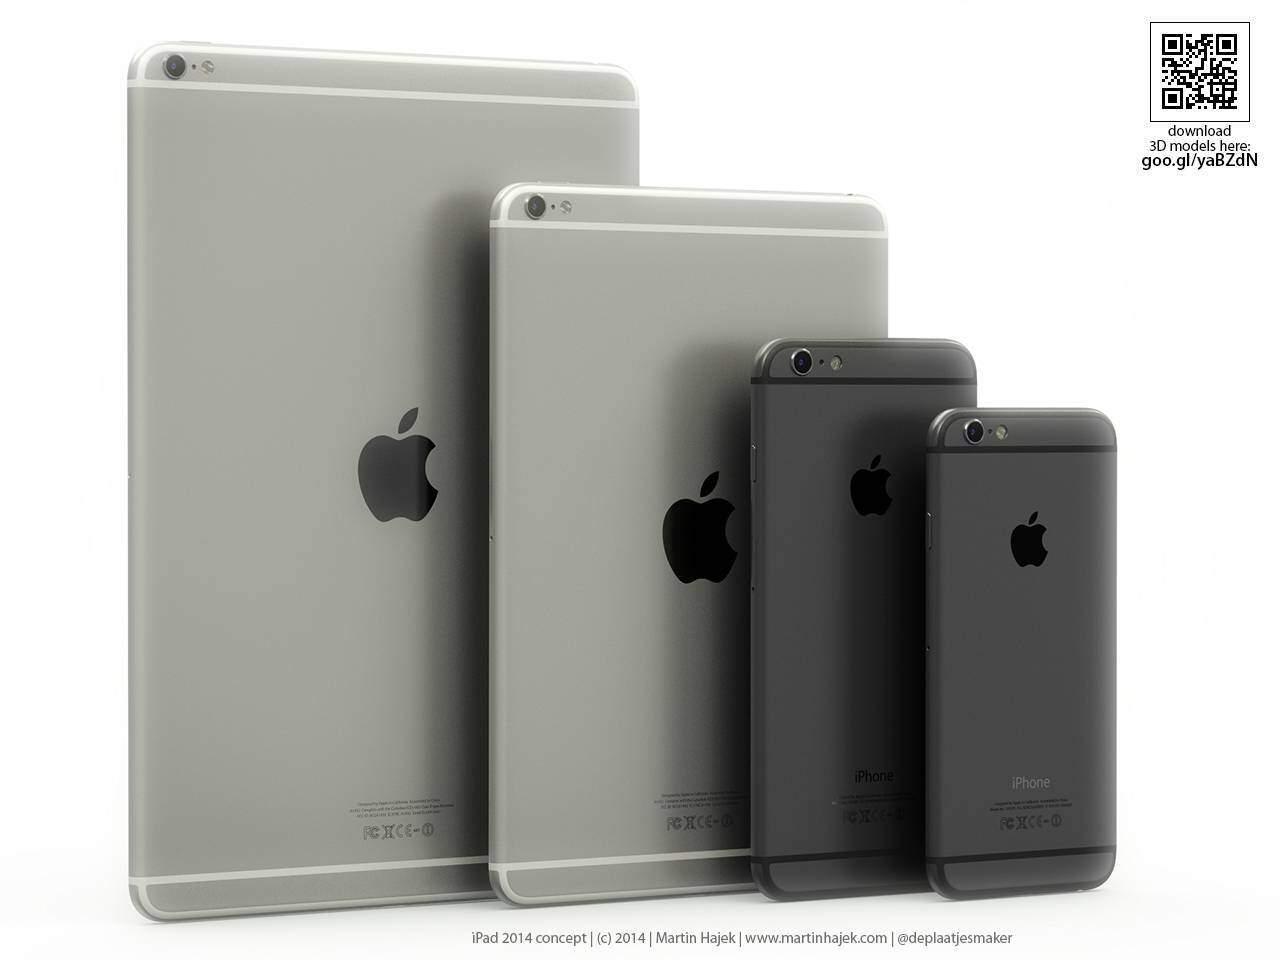 iPad Pro da 12.9 pollici: sul mercato forse a Novembre?